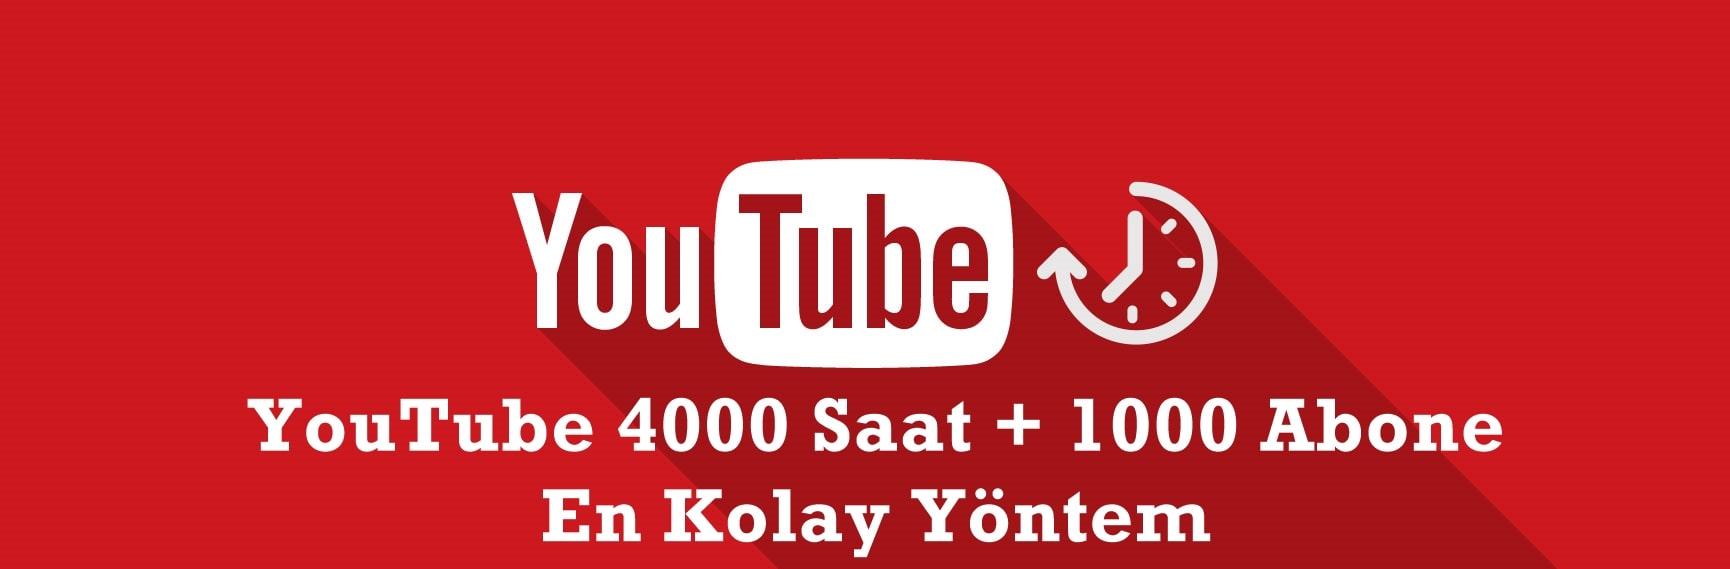 Youtube 4000 Saat İzlenme satın al - Youtube Abone Satın Al